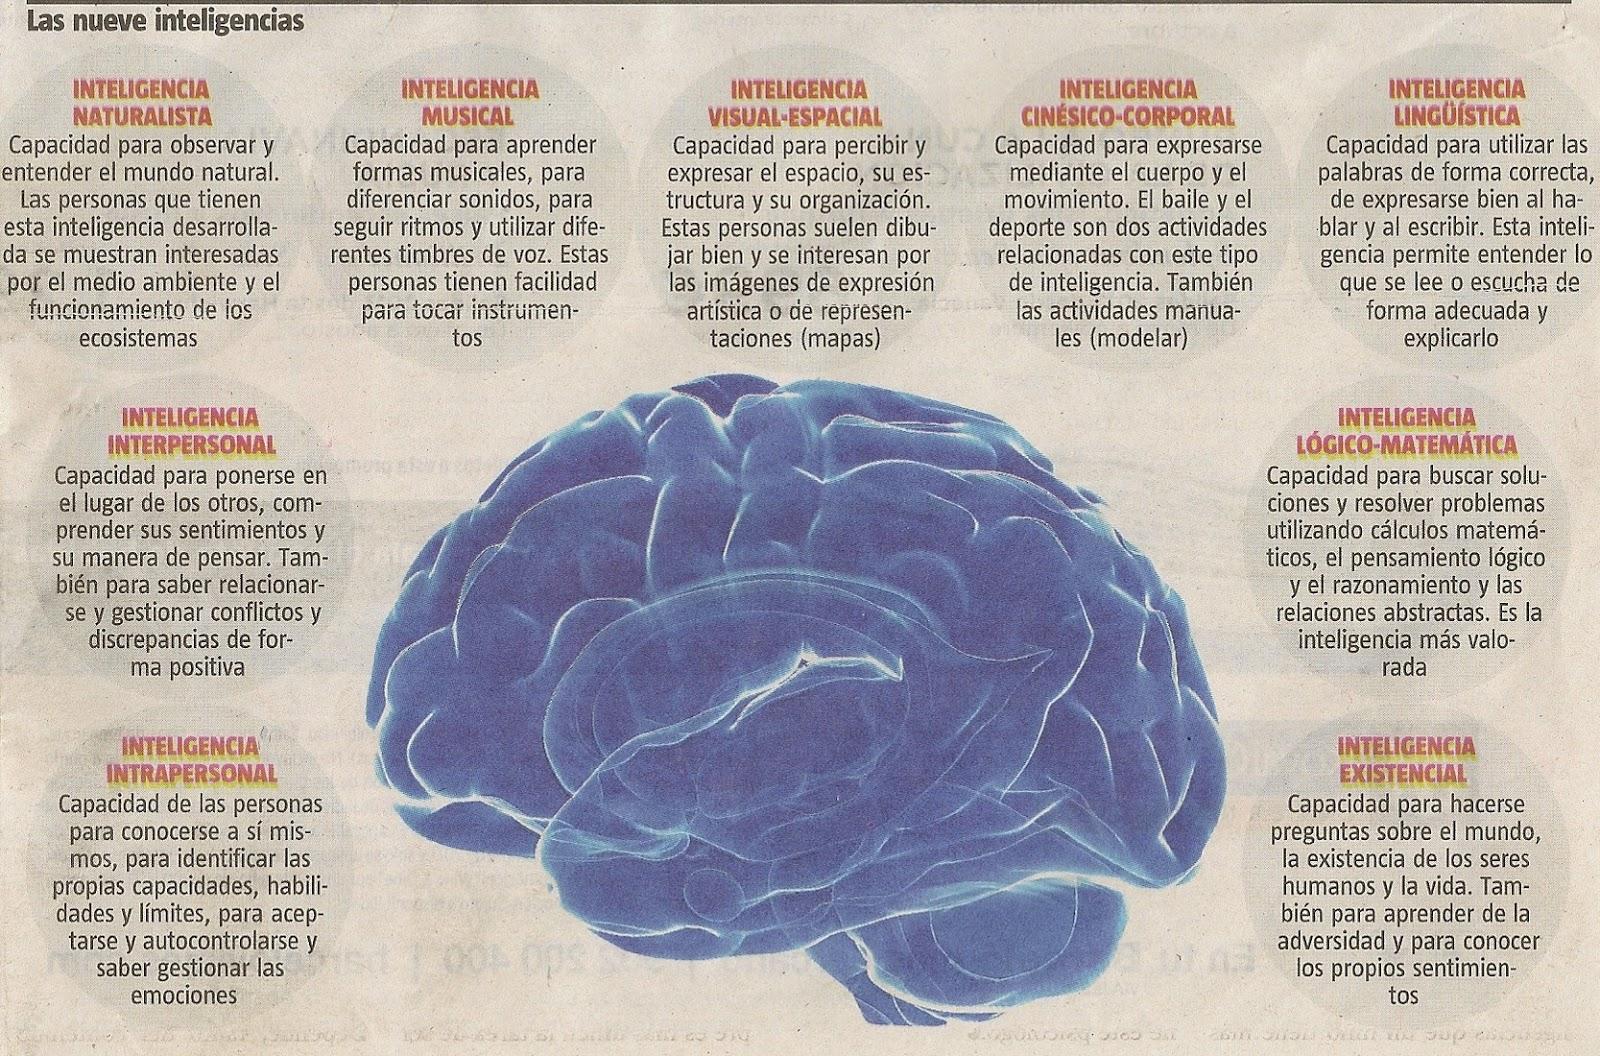 http://convivencia.wordpress.com/2008/01/28/la-teoria-de-las-inteligencias-multiples-de-gardner/